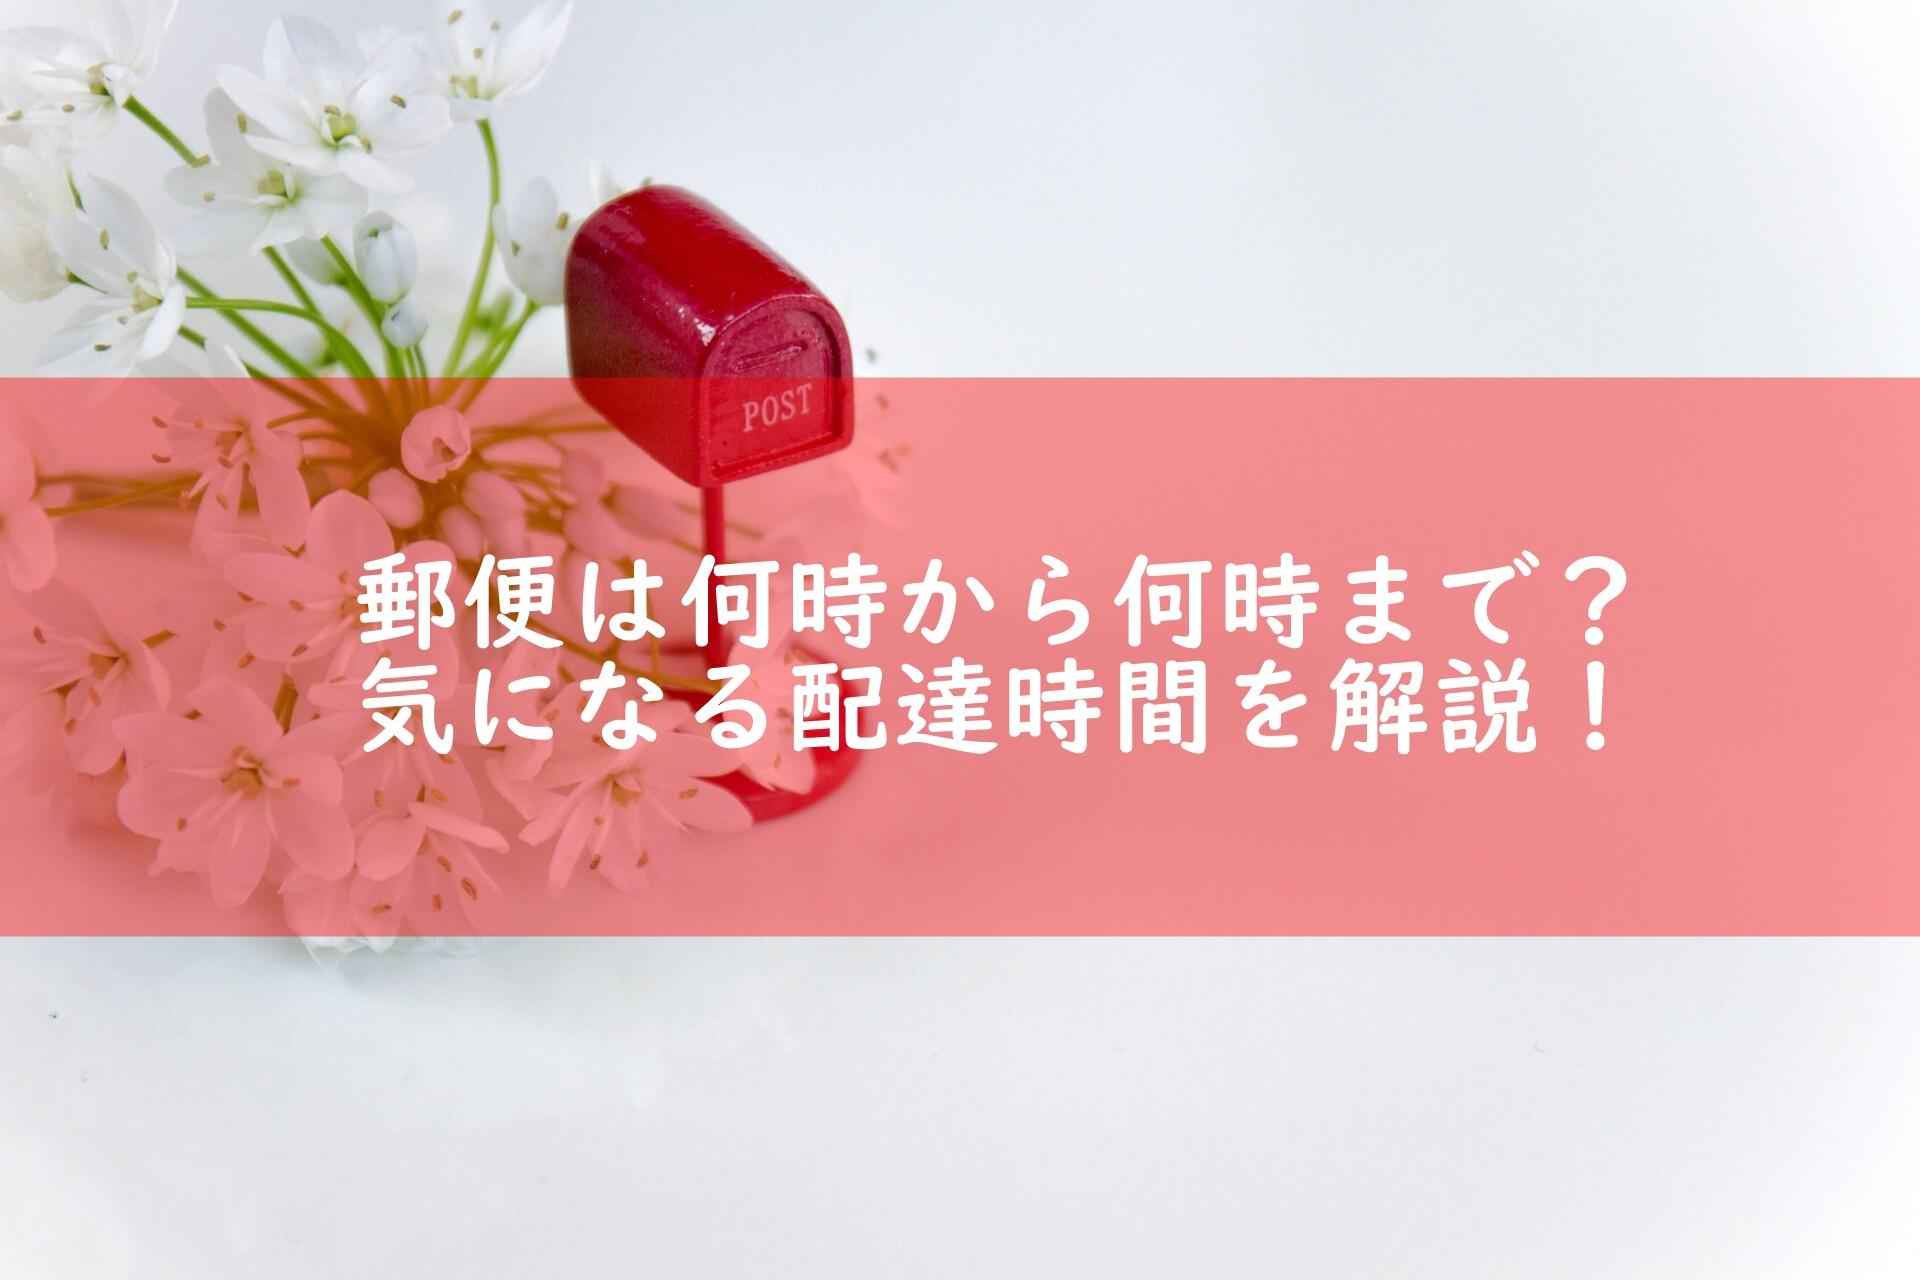 郵便 配達 日曜日